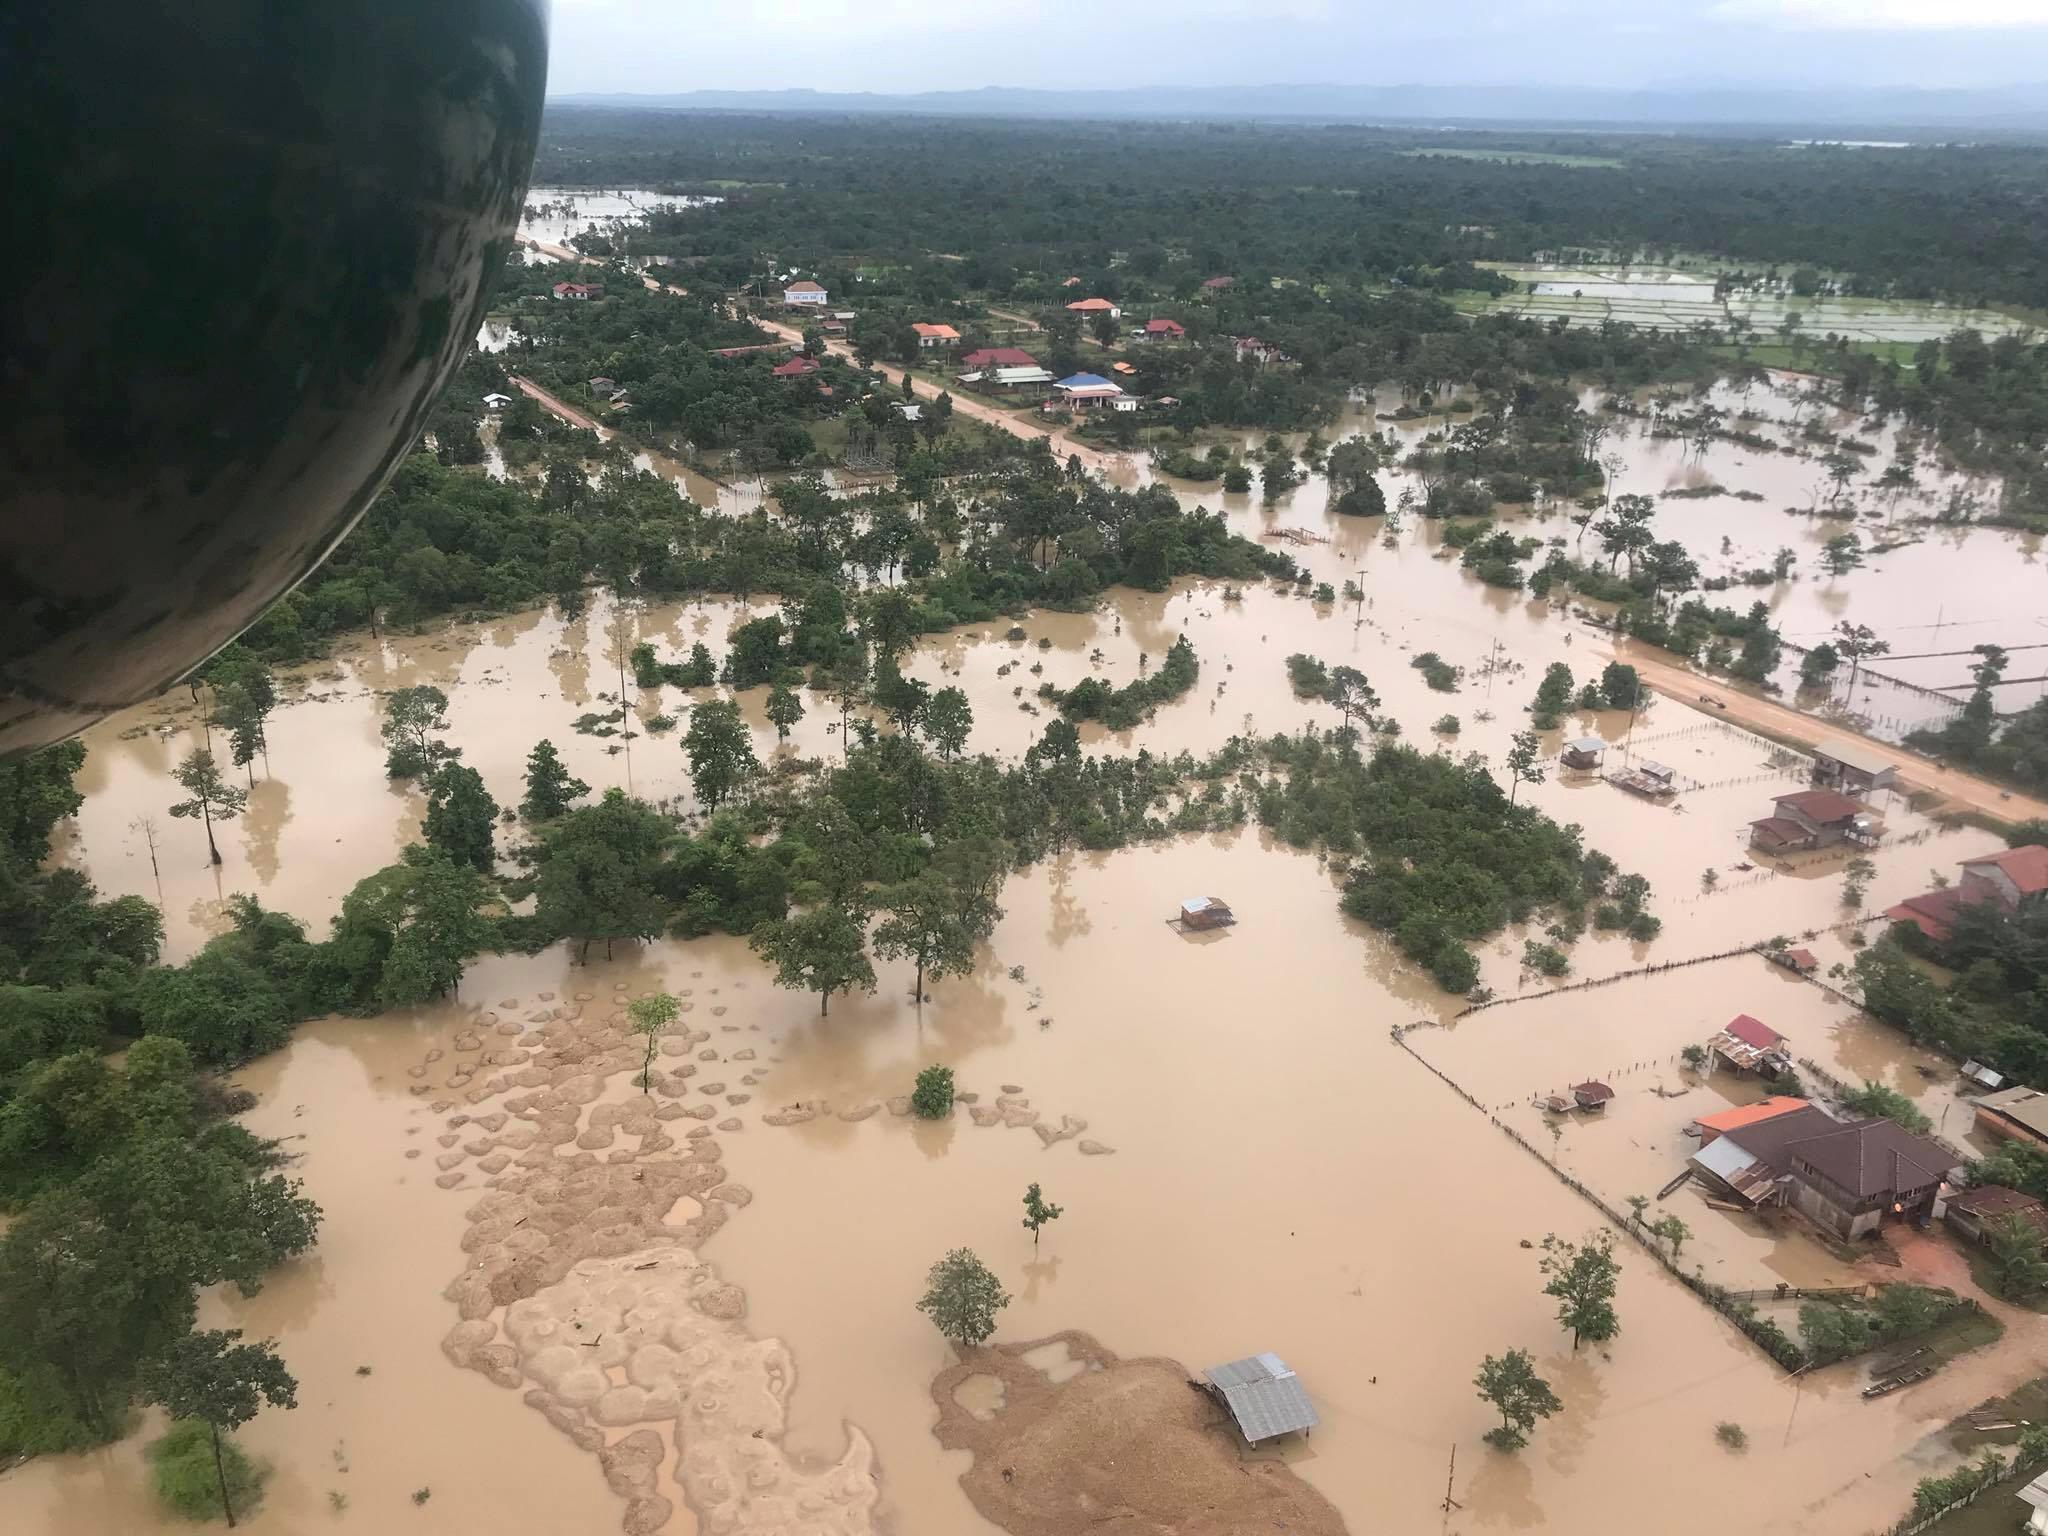 L'effondrement d'un barrage a provoqué d'importantes inondations dans la province d'Attapeu au Laos, ici le 25 juillet 2018.